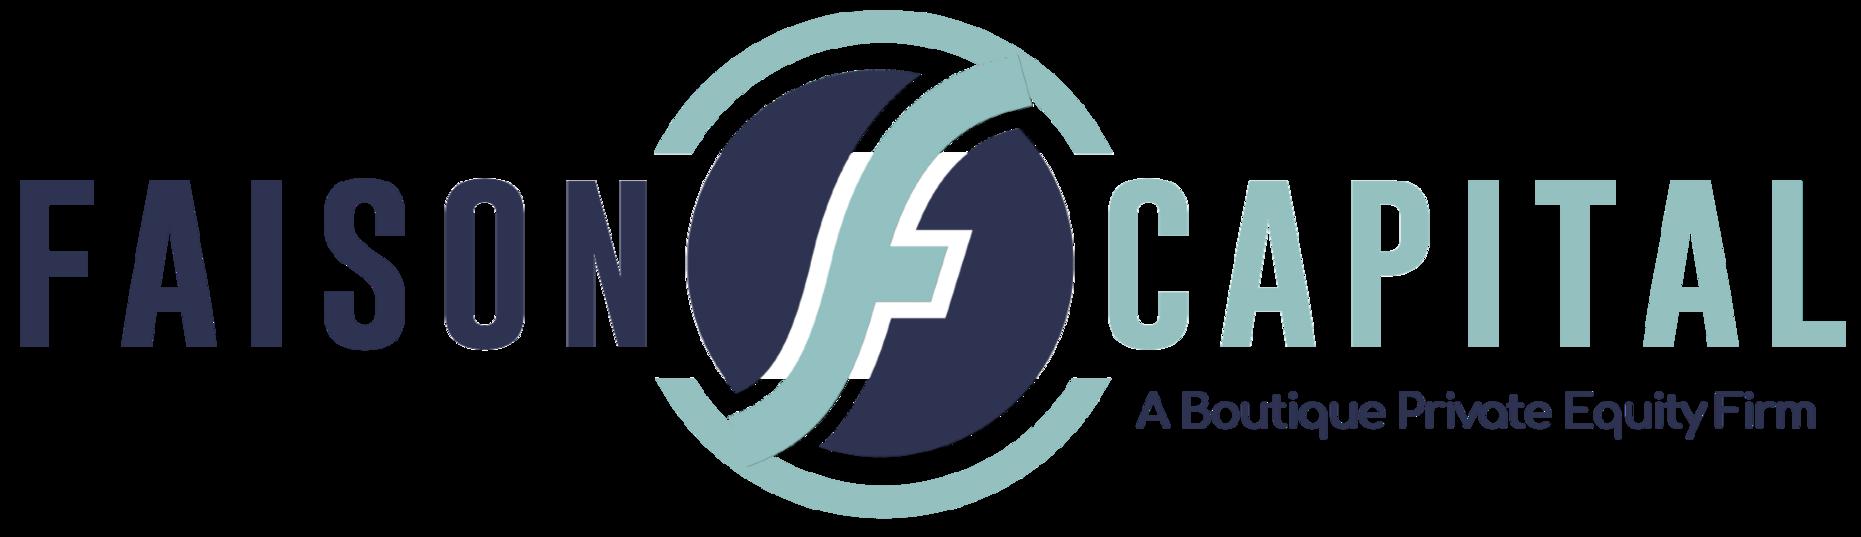 Faison Capital LLC logo